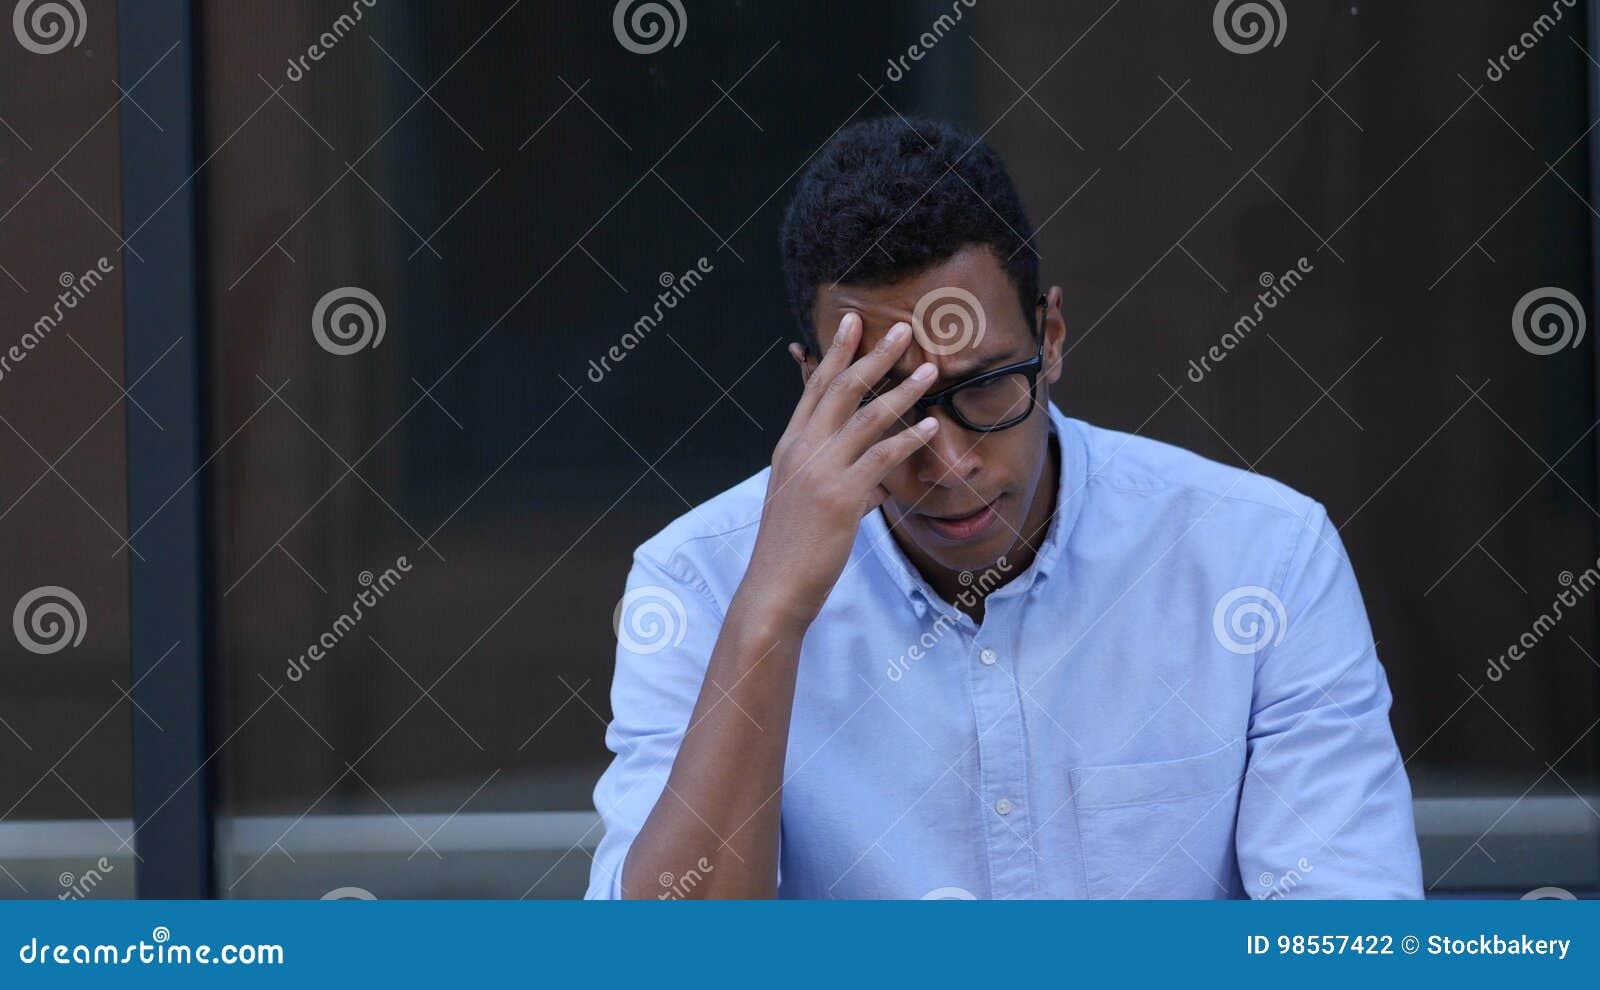 Smutny, Sfrustowany, Wzburzony Młody Czarny Przystojny mężczyzna,